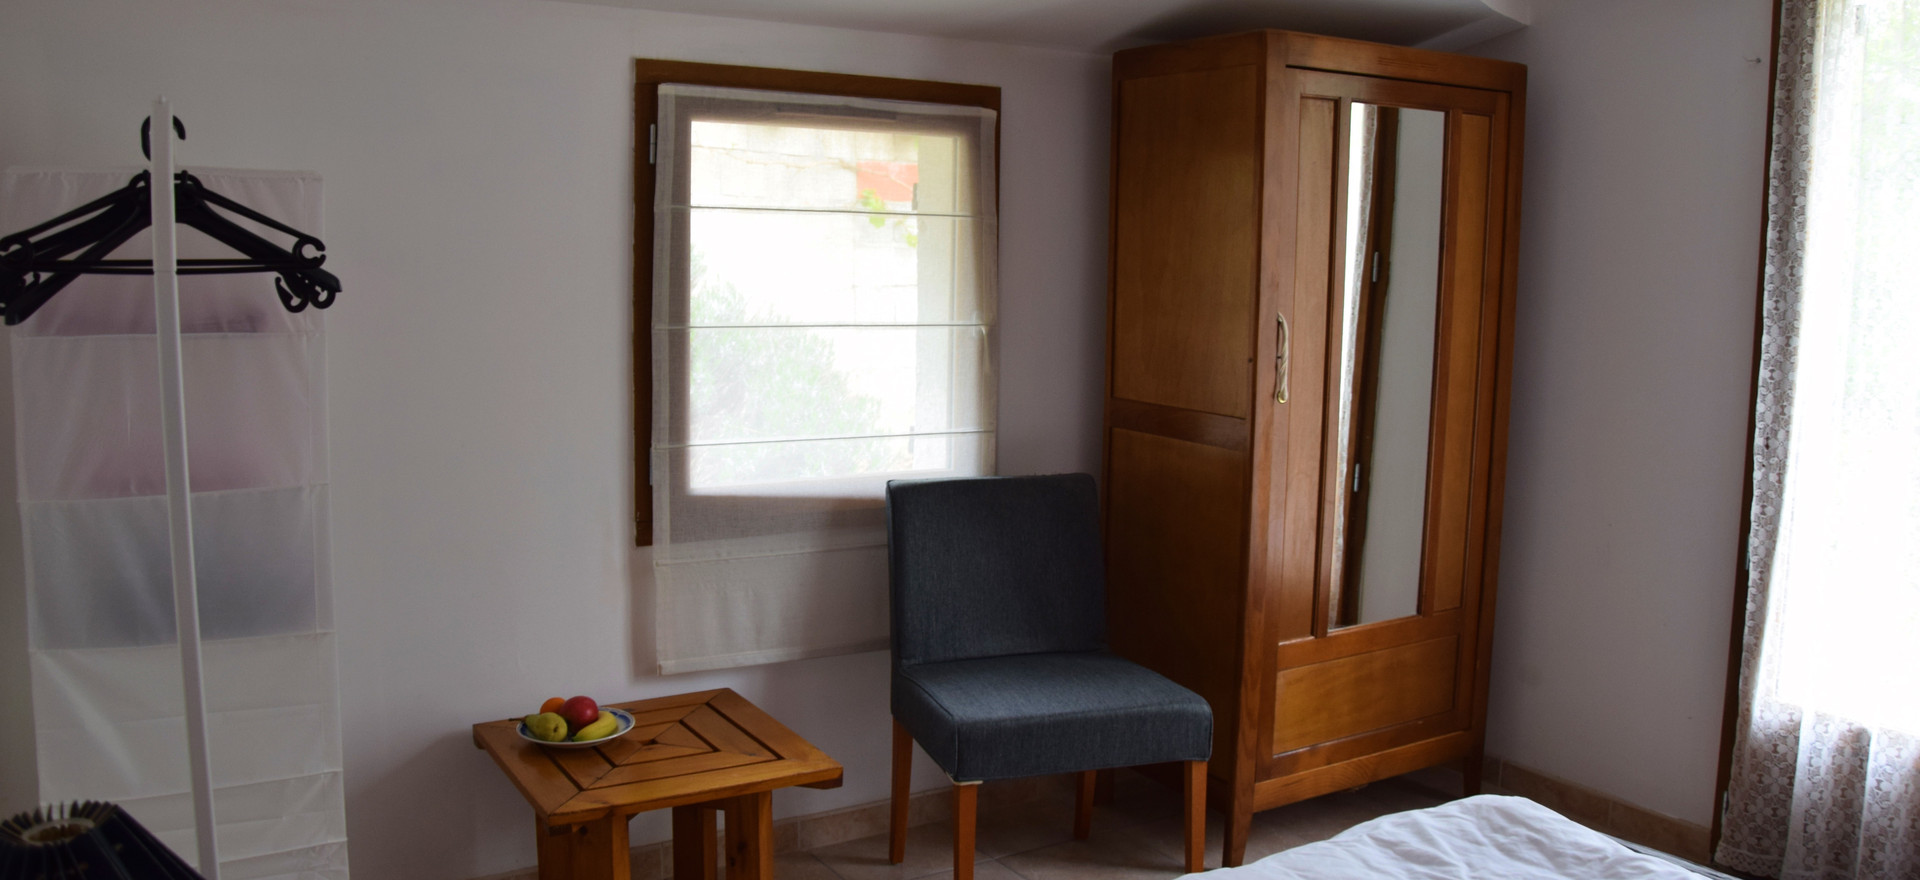 Dit is de roze kamer. Deze kan je betreden door de meest linkse deur te openen en de groene kamer te passeren. Ook kan je deze kamer betreden aan de achterkant van het huis.